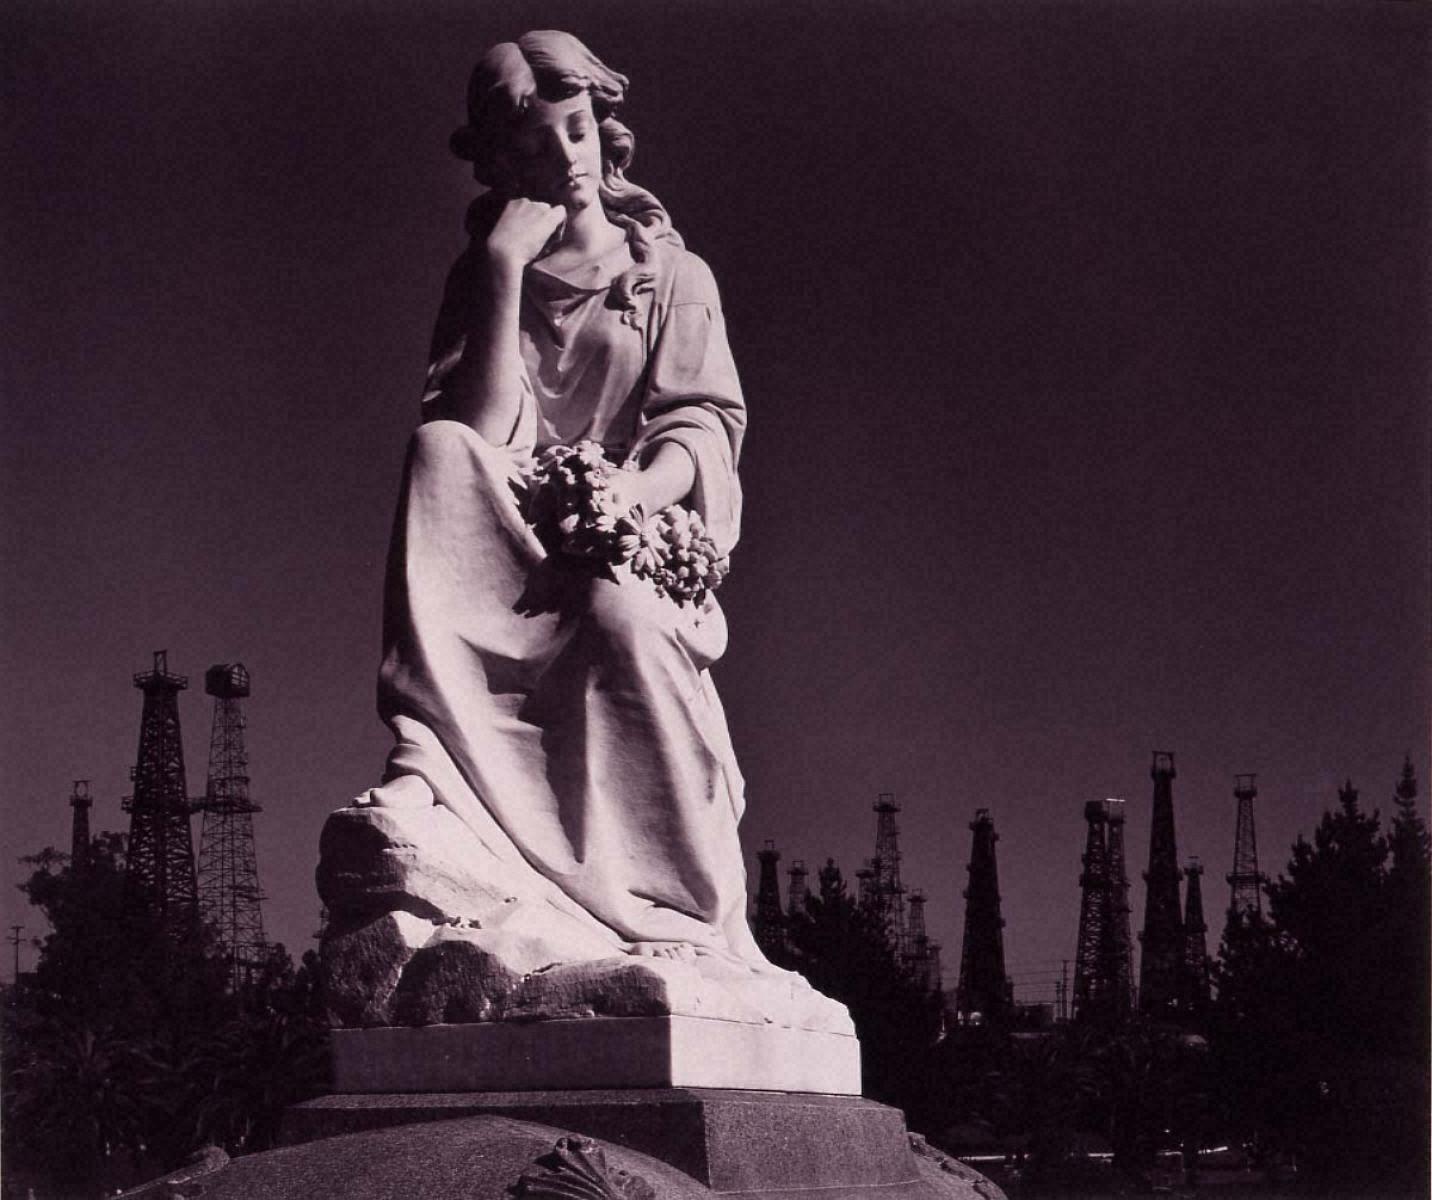 ポートフォリオⅦ: 墓地の彫像と油井